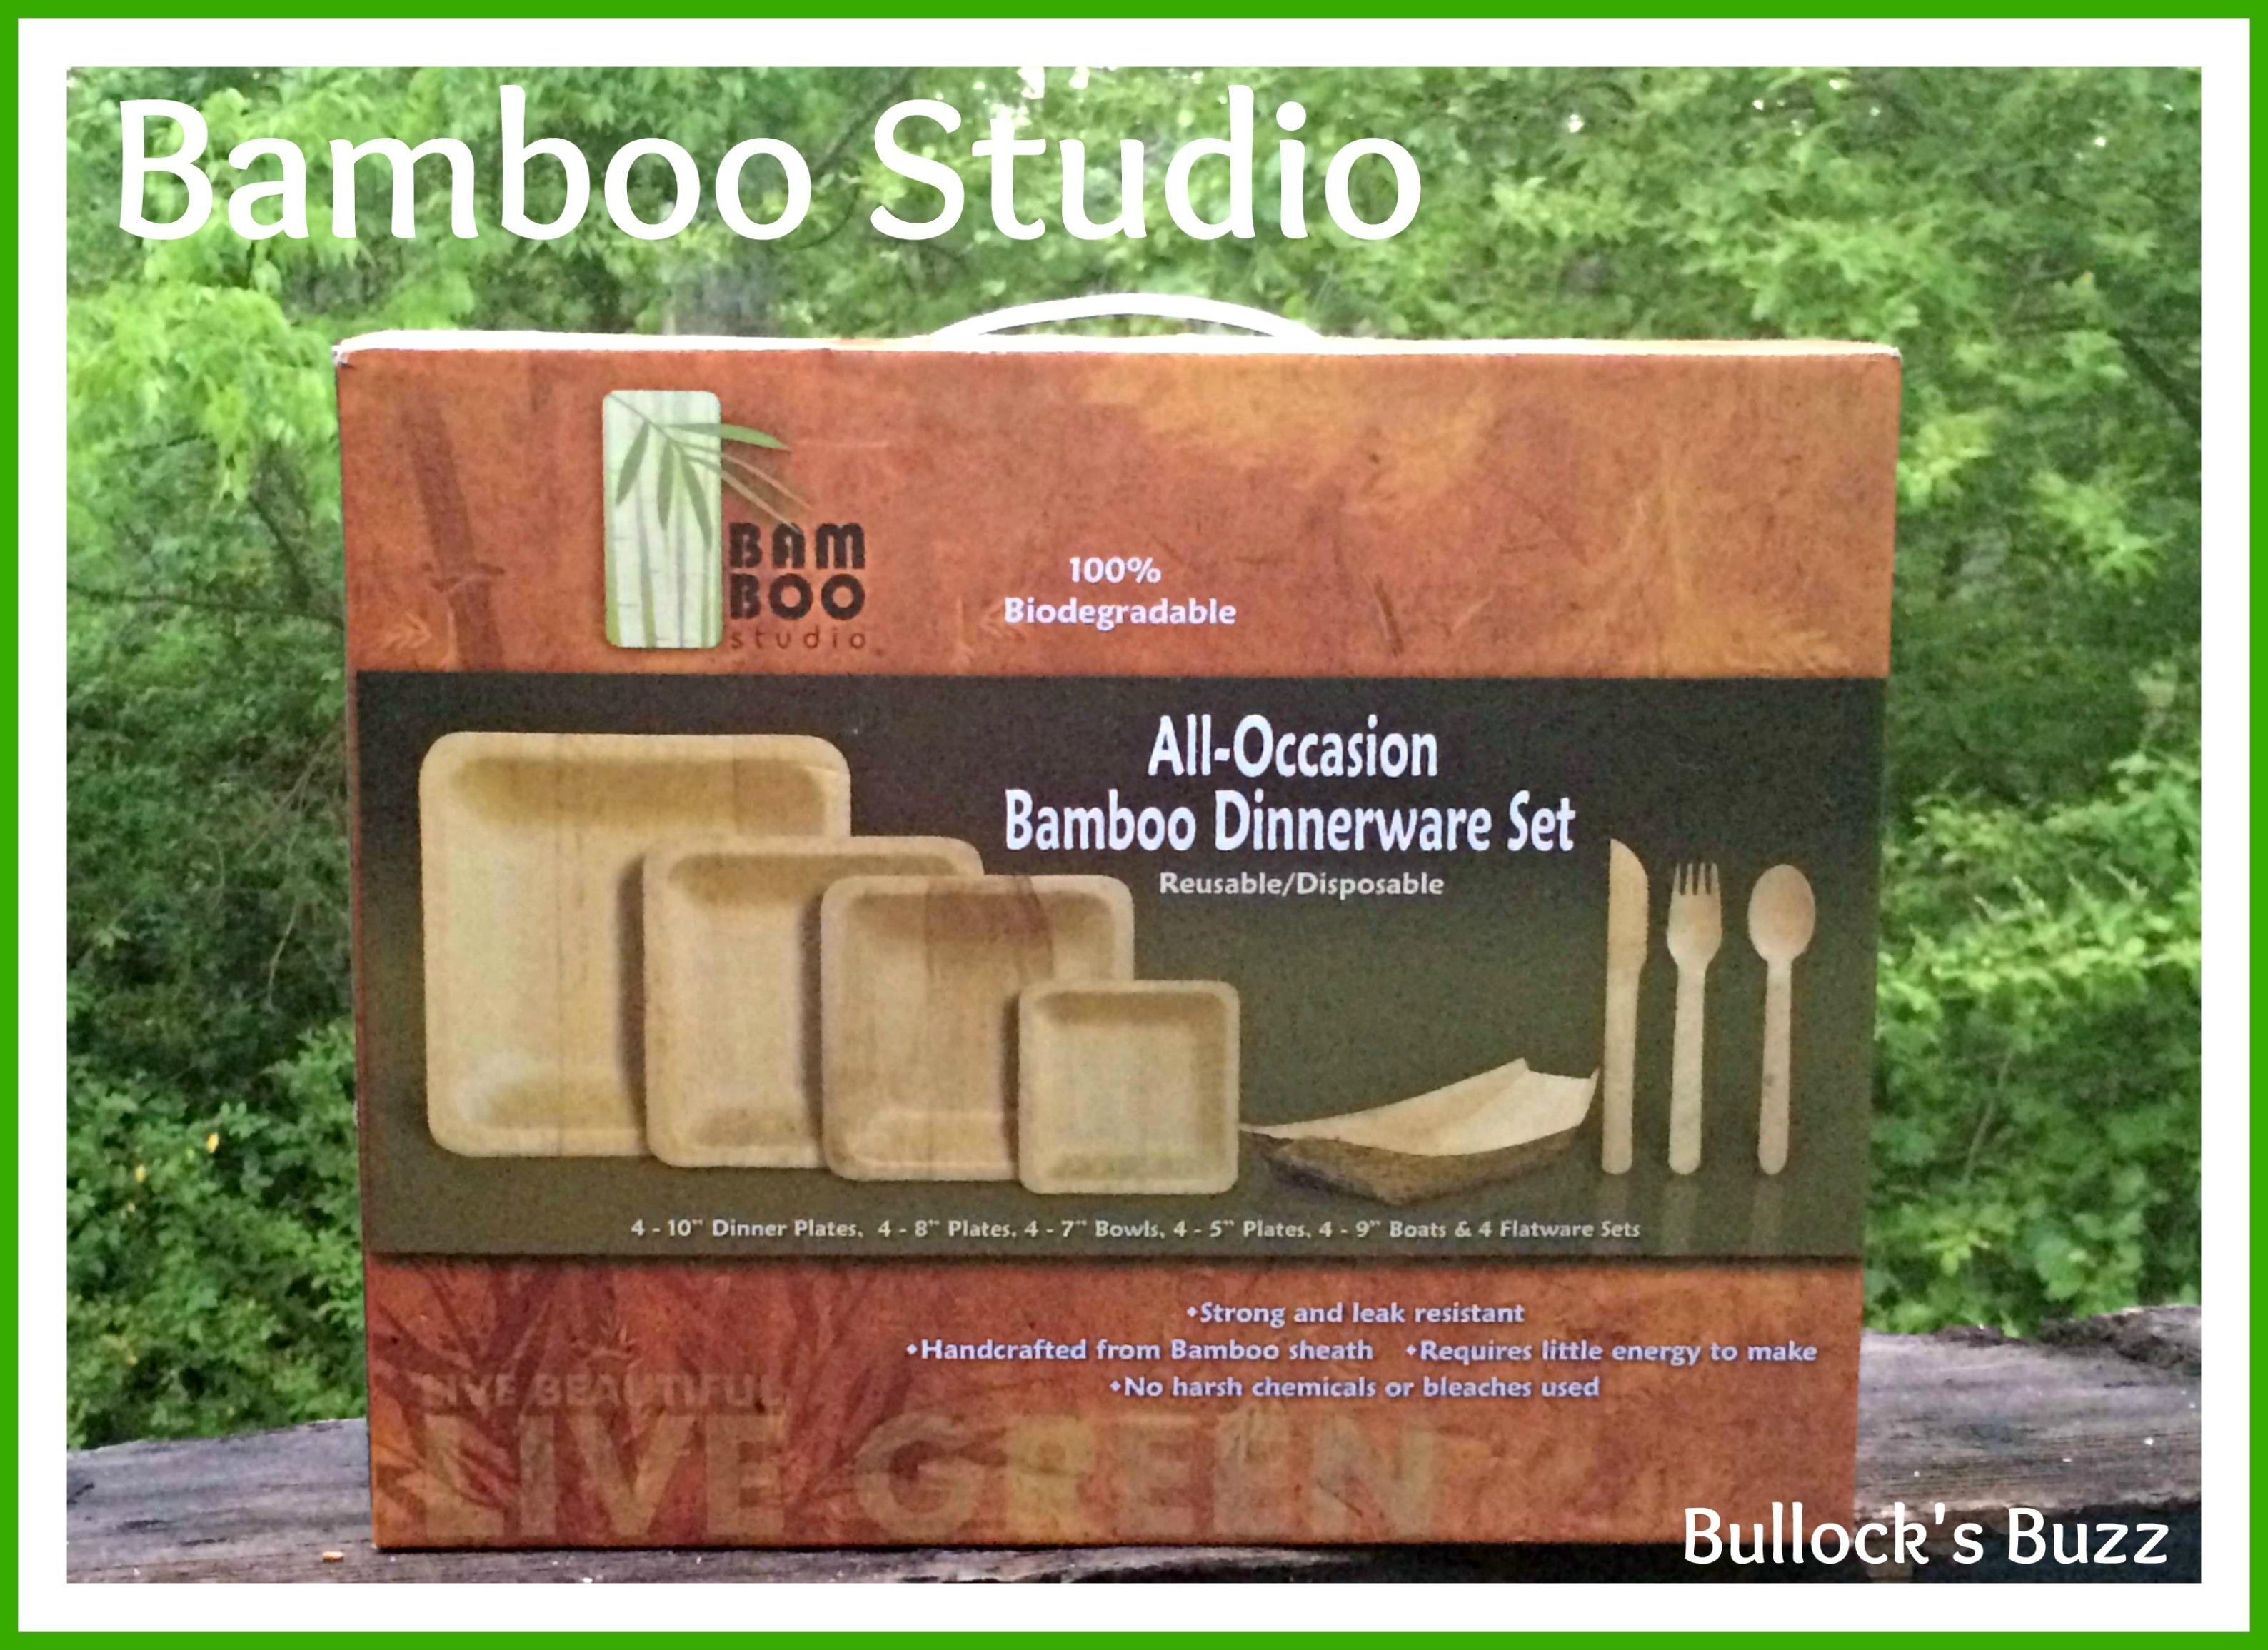 Bamboo Studio Bamboo Dinnerware Set - Stylish and Biodegradable! - Bullocku0027s Buzz & Bamboo Studio: Bamboo Dinnerware Set - Stylish and Biodegradable ...